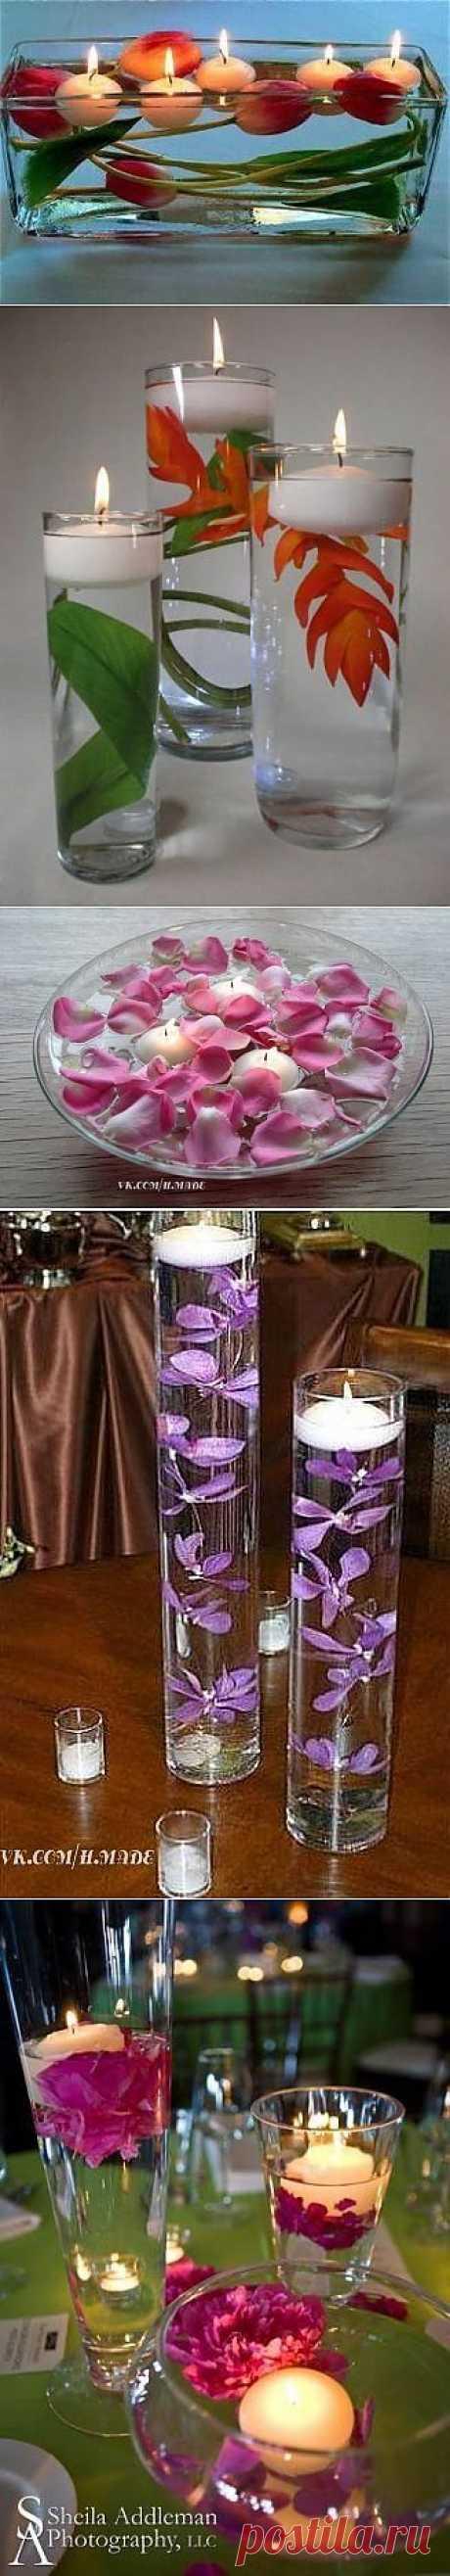 Плавающие цветы и свечи: несколько вдохновляющих идей для романтиков